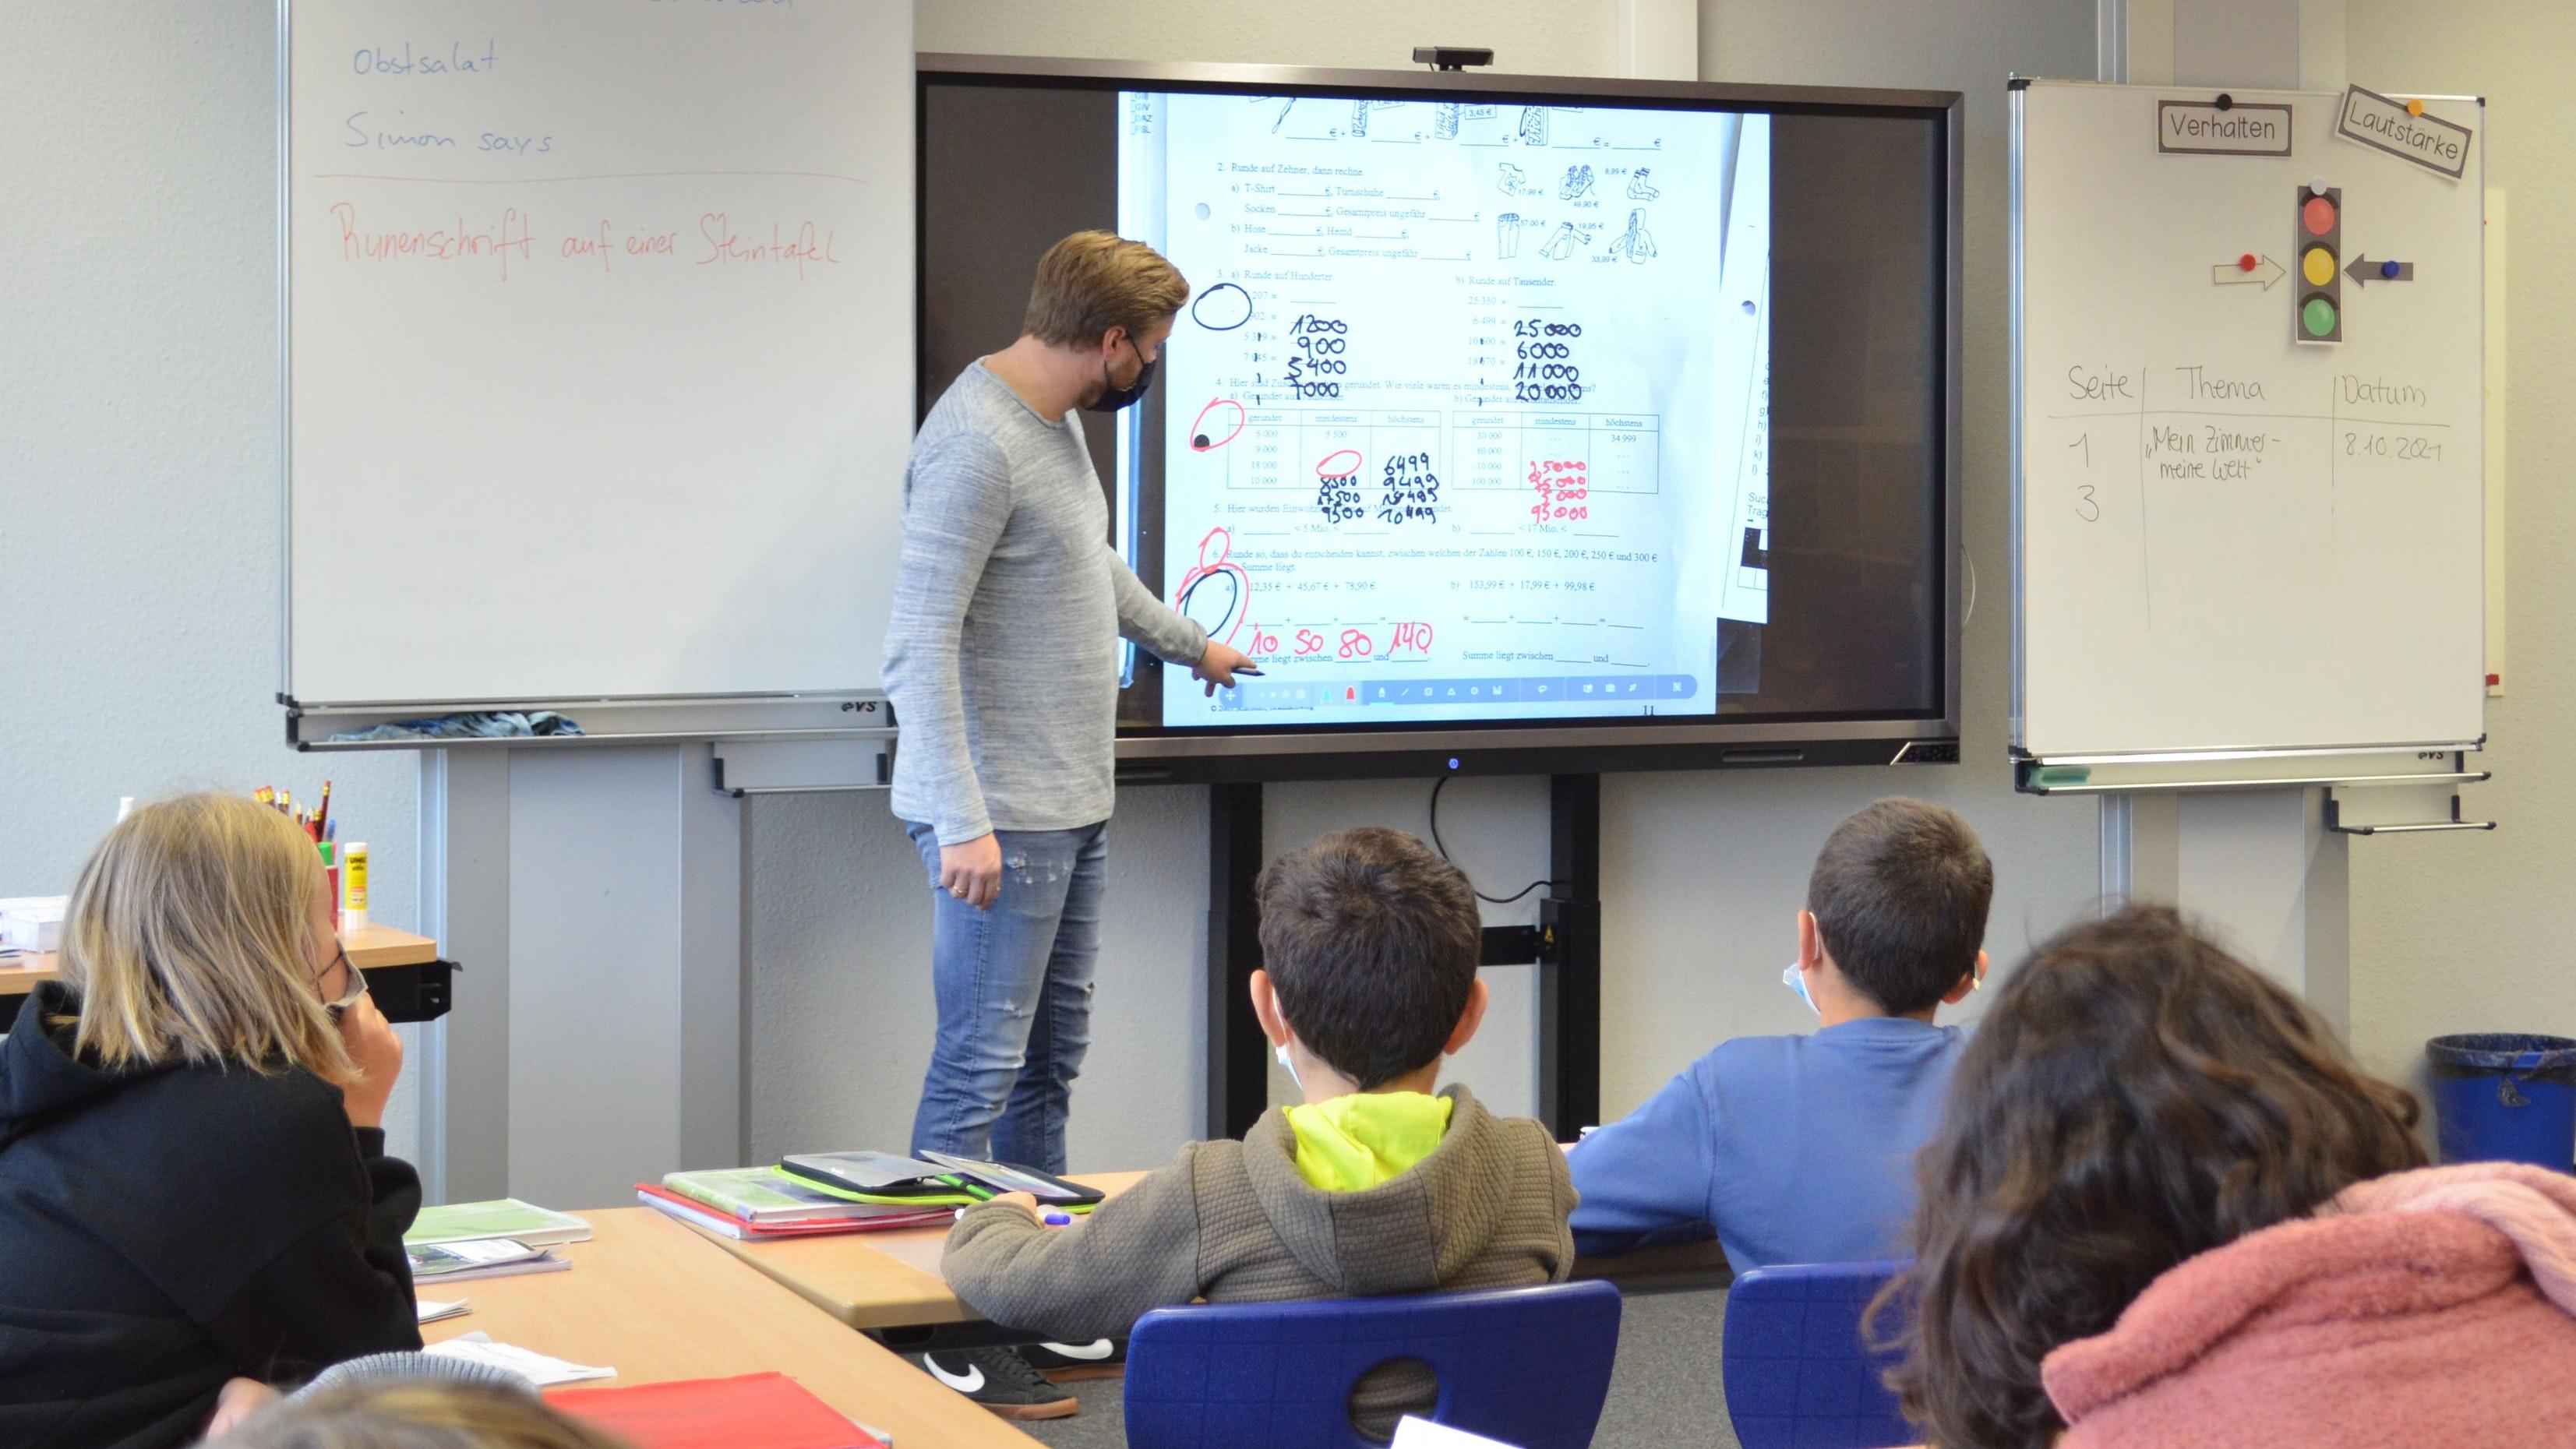 Digitale Technik im Unterricht: In den Schulen in Trägerschaft der Stadt Vechta, wie hier an der Geschwister-Scholl-Oberschule, sind in Kürze sämtliche Klassenräume mit interaktiven Displays ausgestattet. Foto: GSO/Gärtner